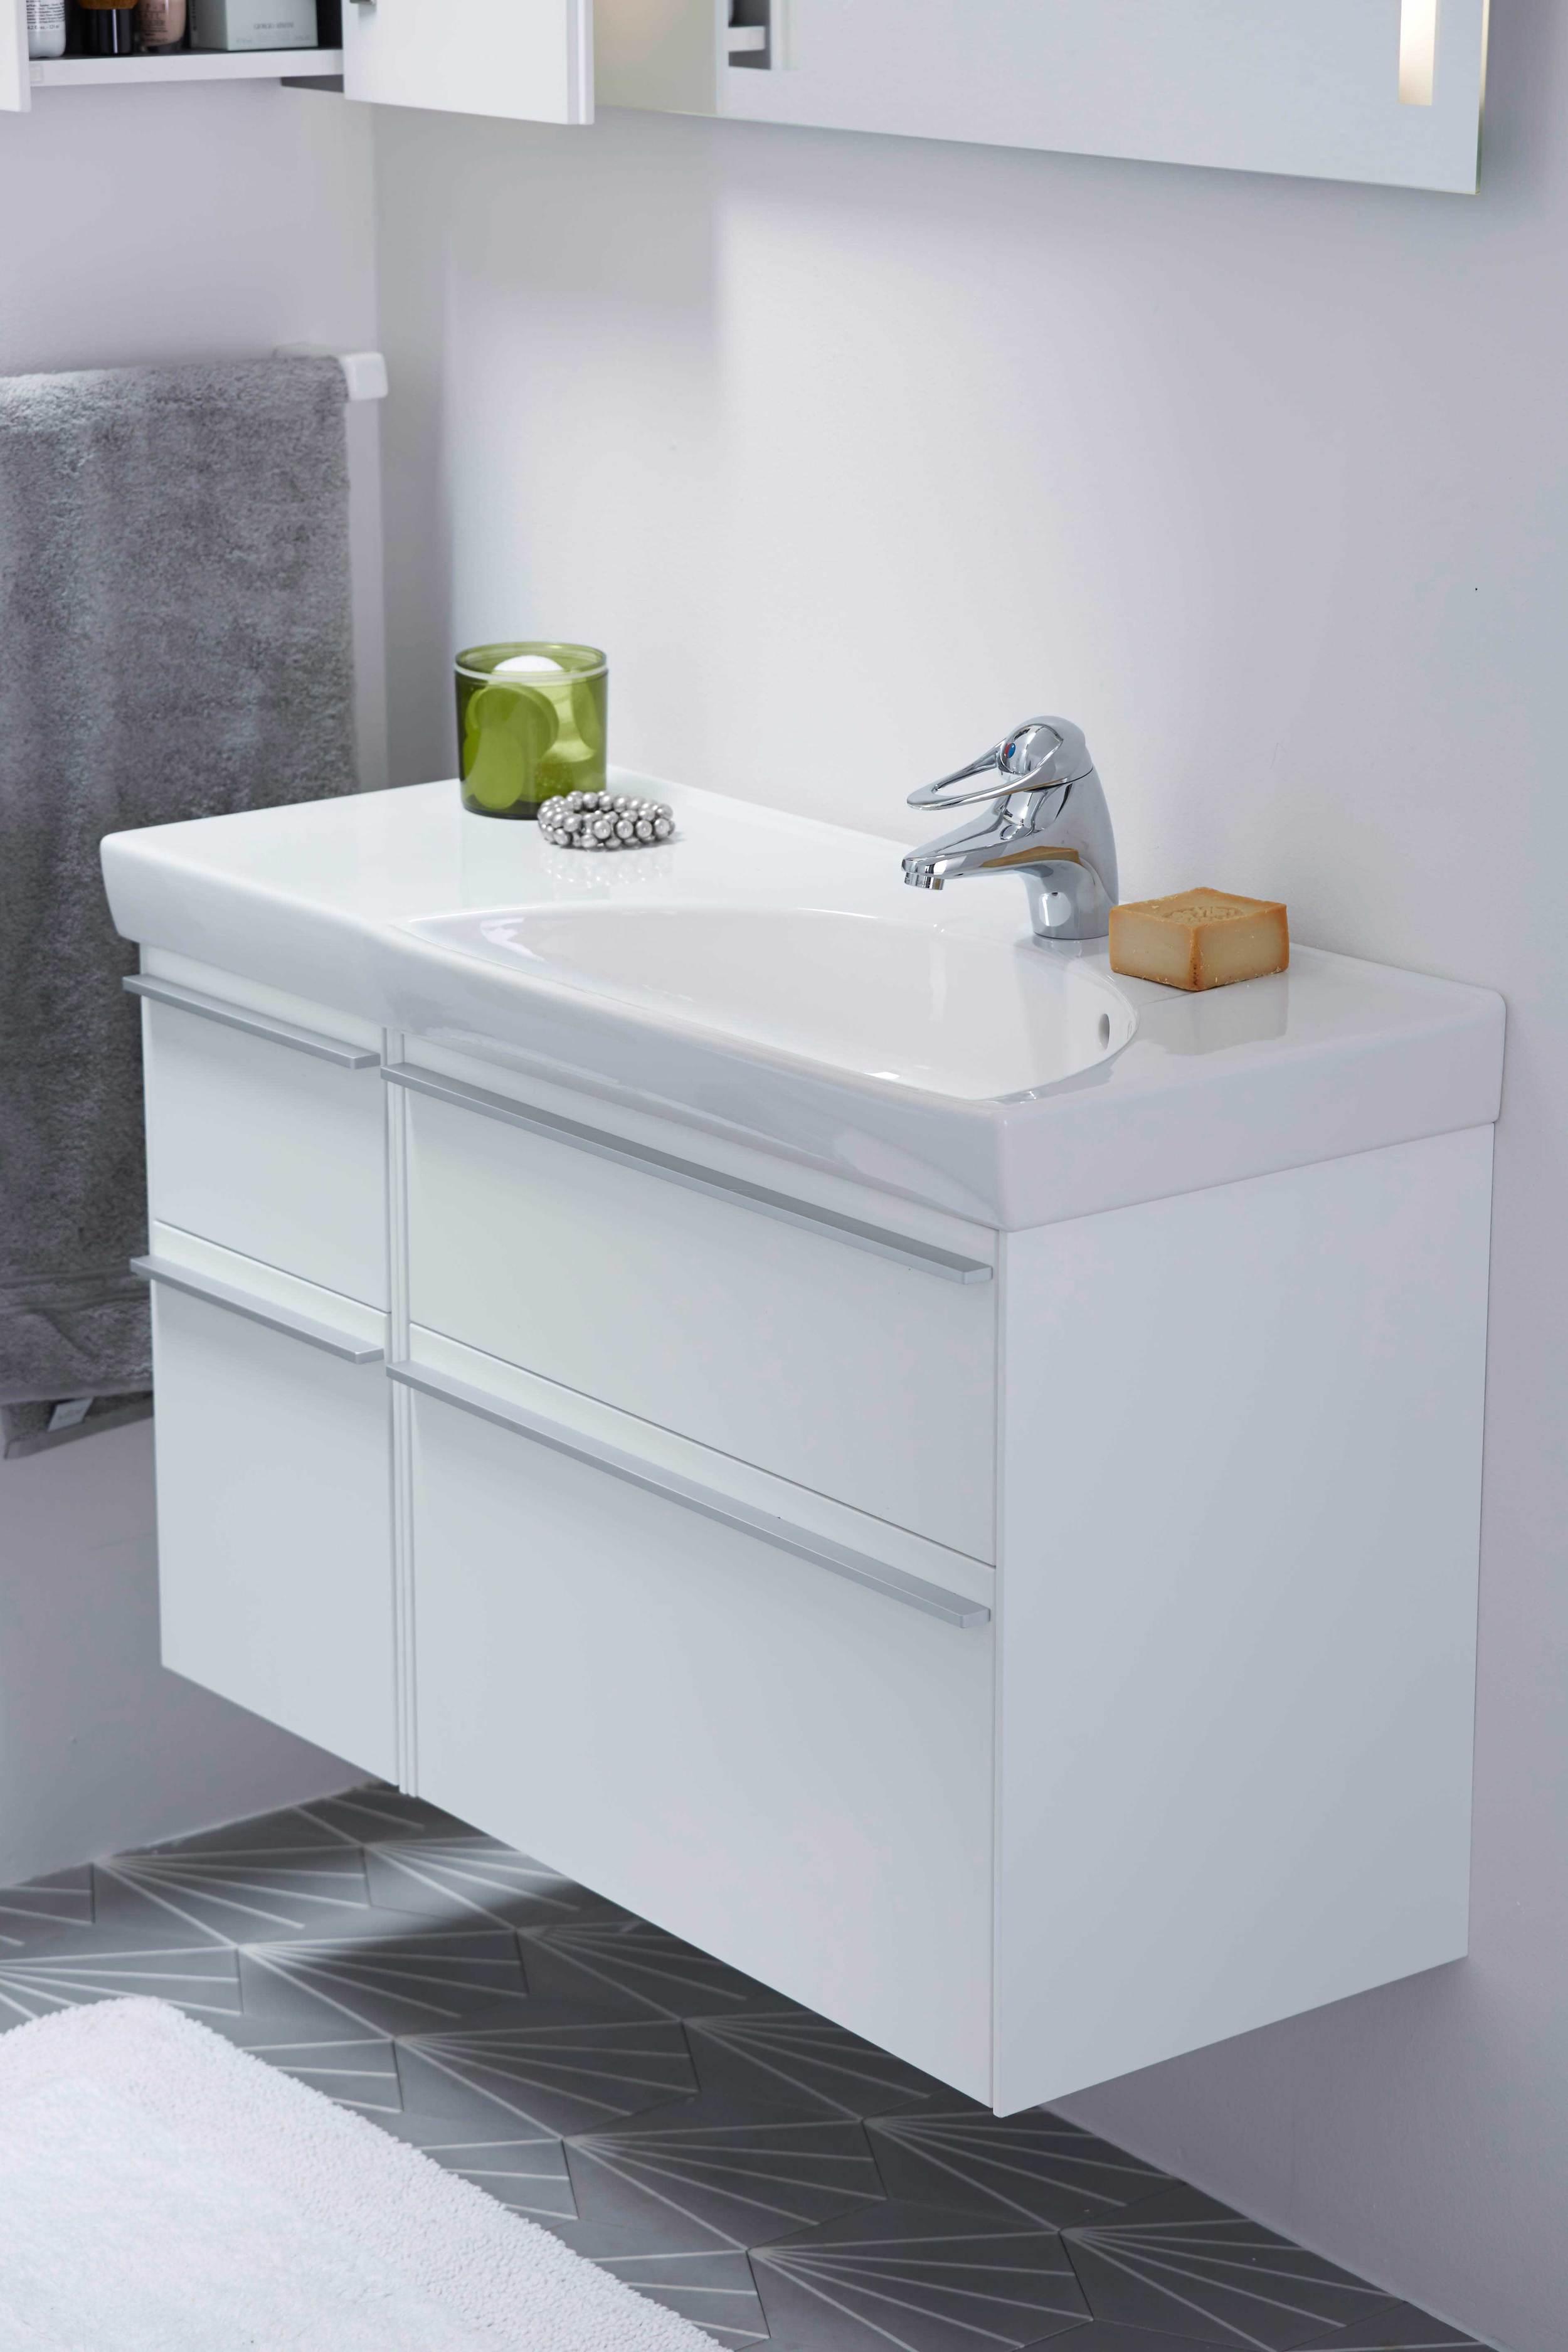 Baderums møbler fra SVVS